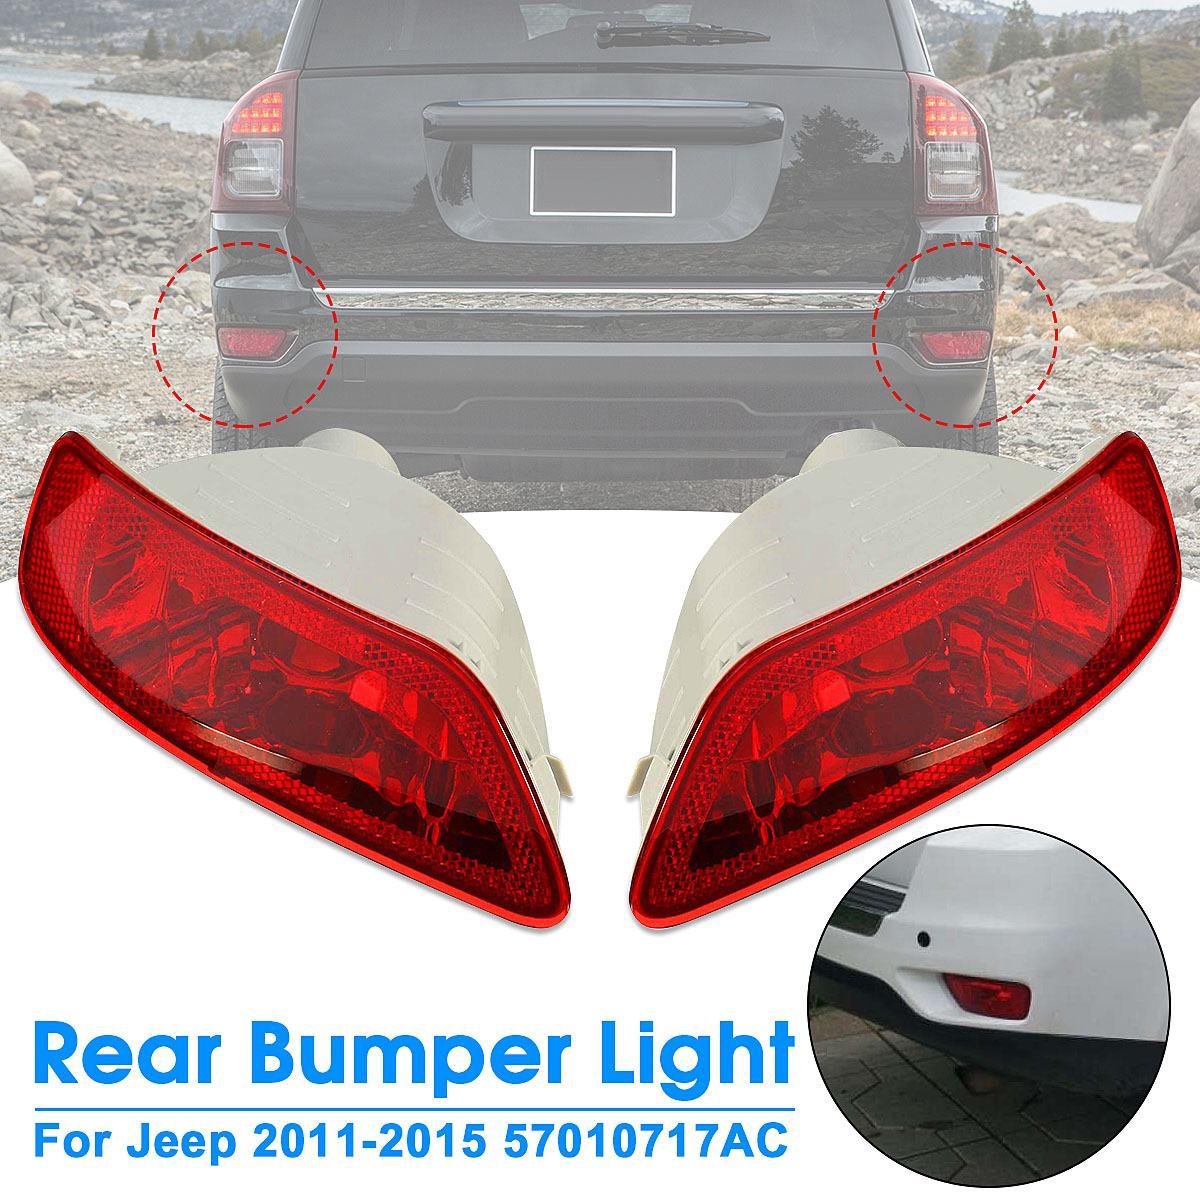 1 шт. 12 В Красный Автомобильный задний бампер противотуманная фара корпус задний поворотный фонарь для Jeep 2011-2015 57010717AC